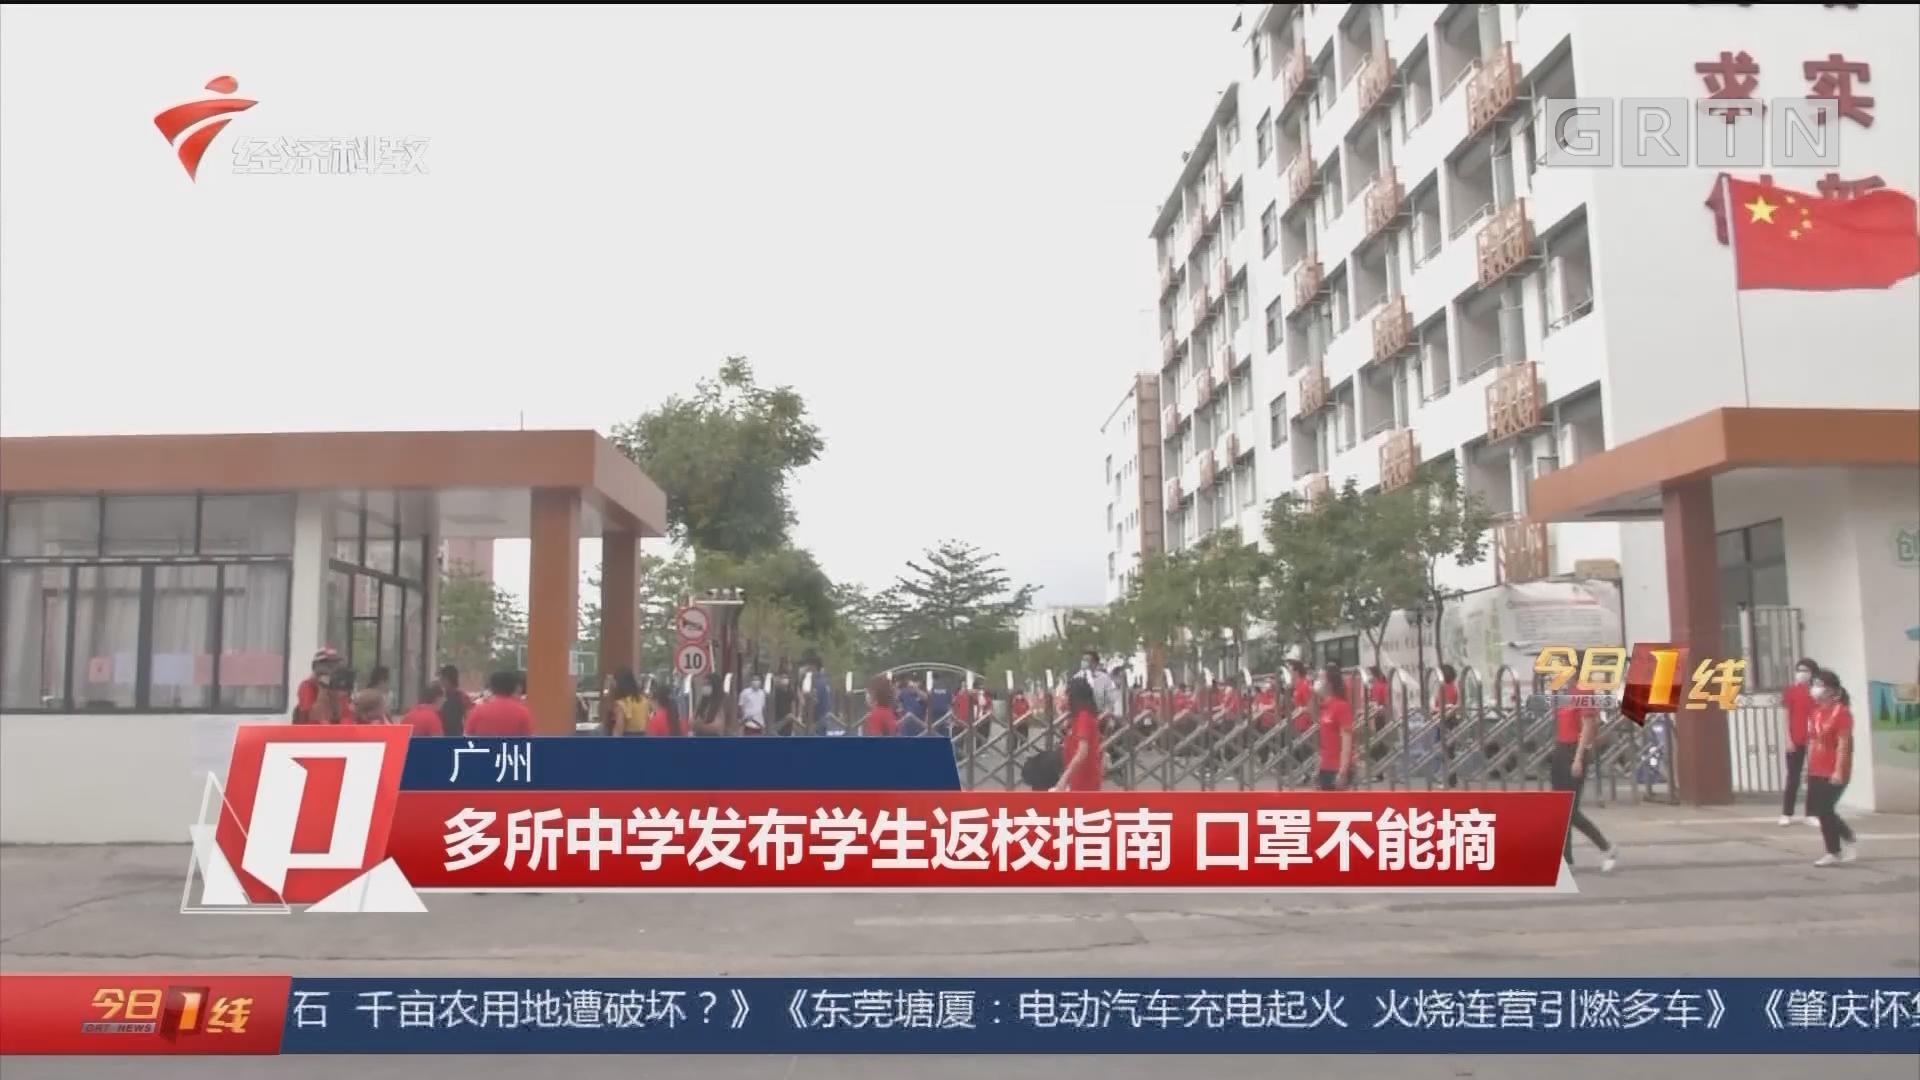 廣州 多所中學發布學生返校指南 口罩不能摘